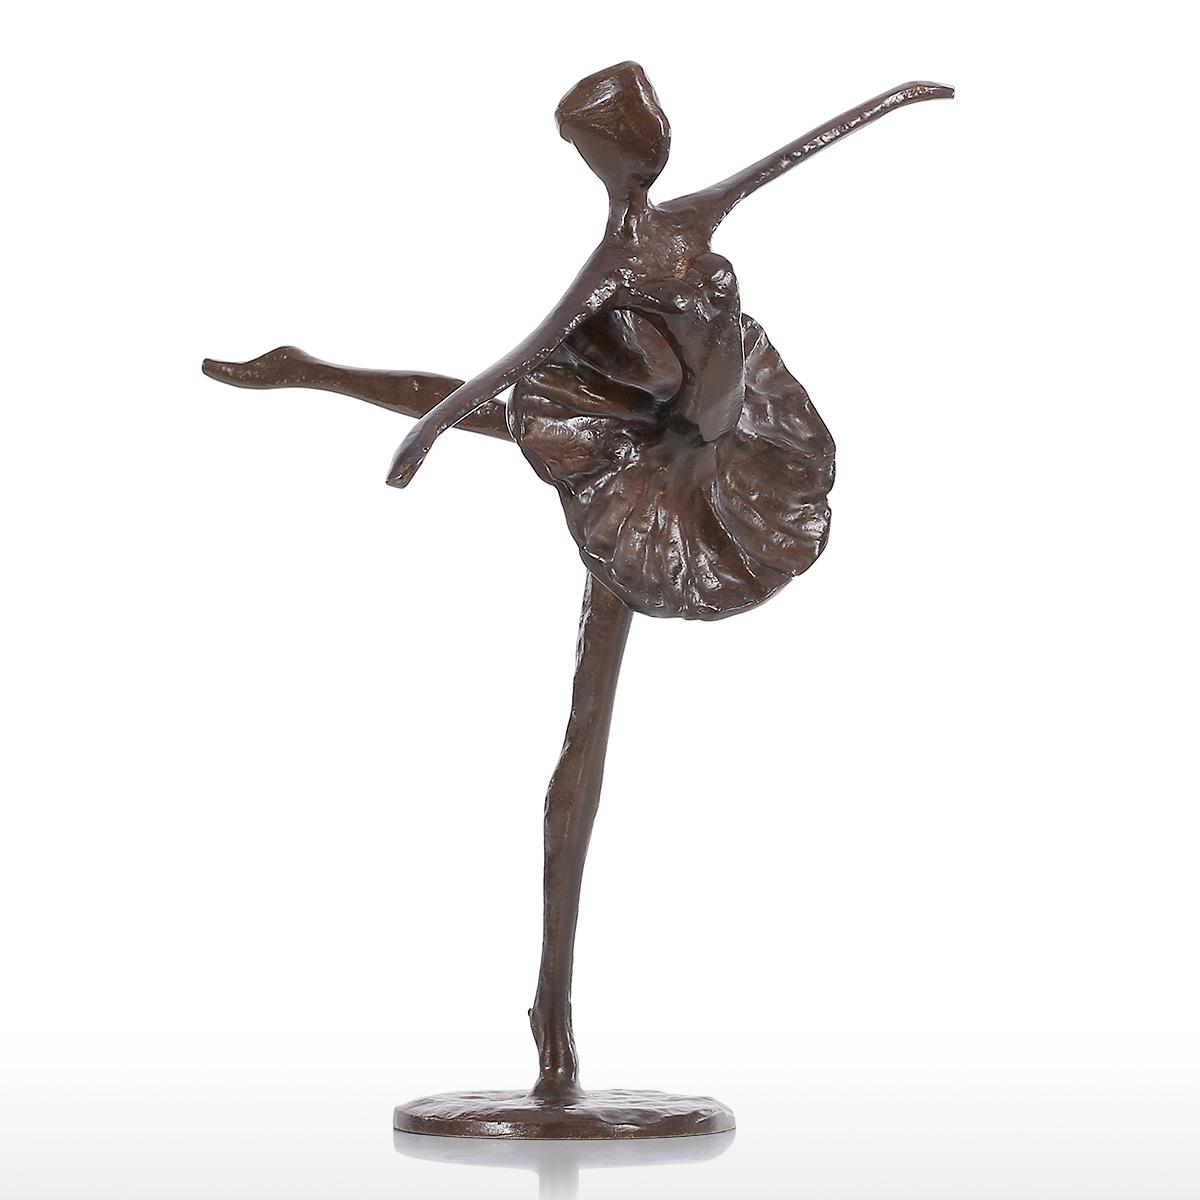 Best and cheap bronze ballet bronze sculpture metal Home decor sculptures